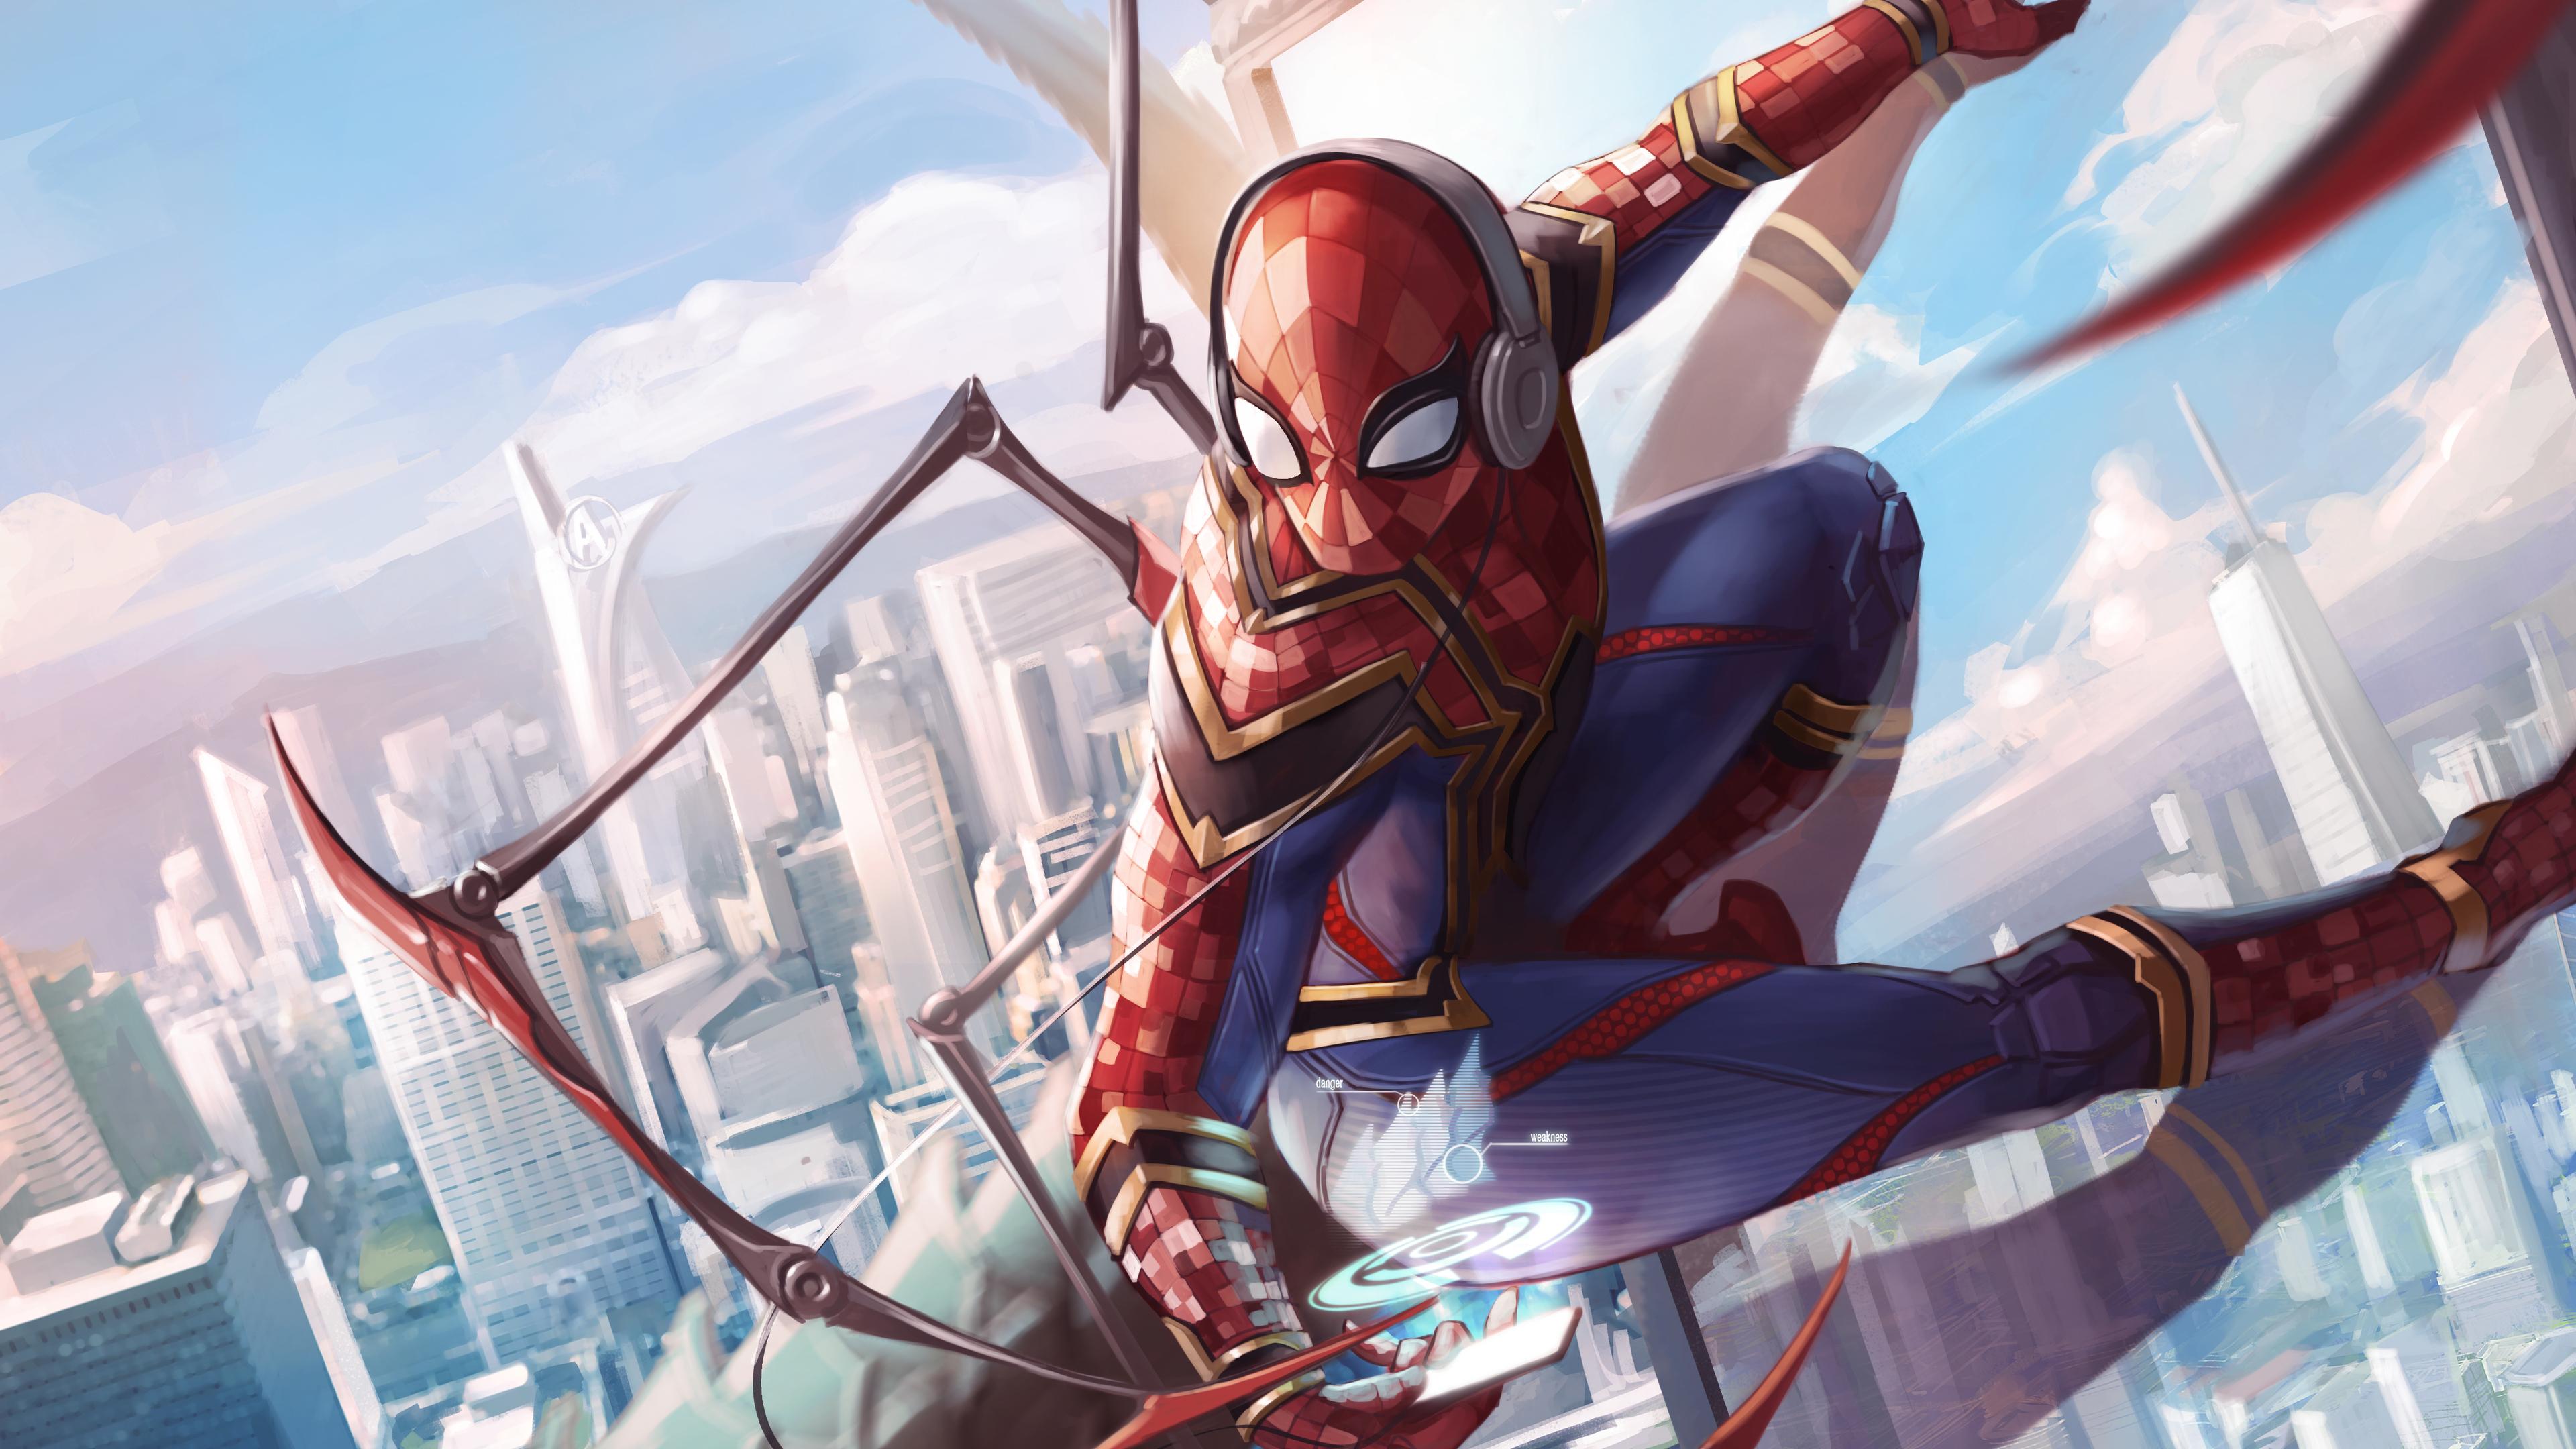 Wallpaper 4k Spiderman Iron Suit Art 5k 4k Wallpapers 5k Wallpapers